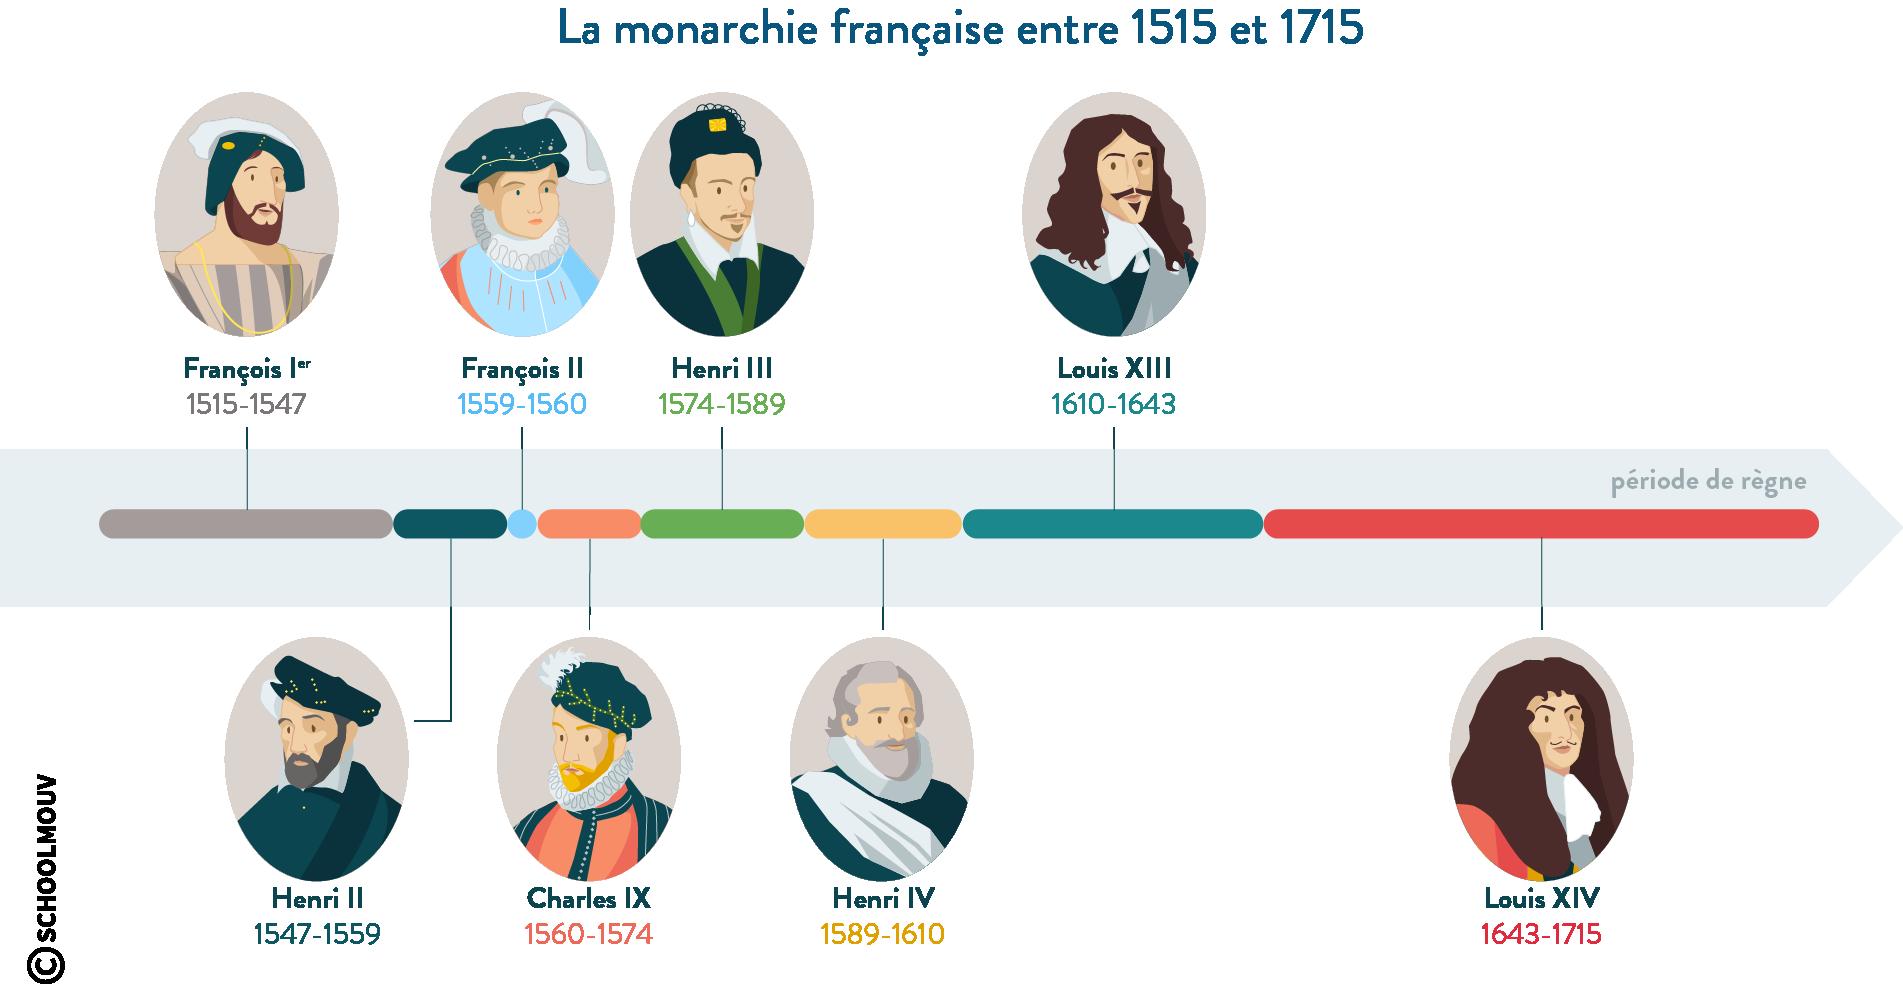 La monarchie française entre 1515 et 1715 - histoire - 2de - SchoolMouv